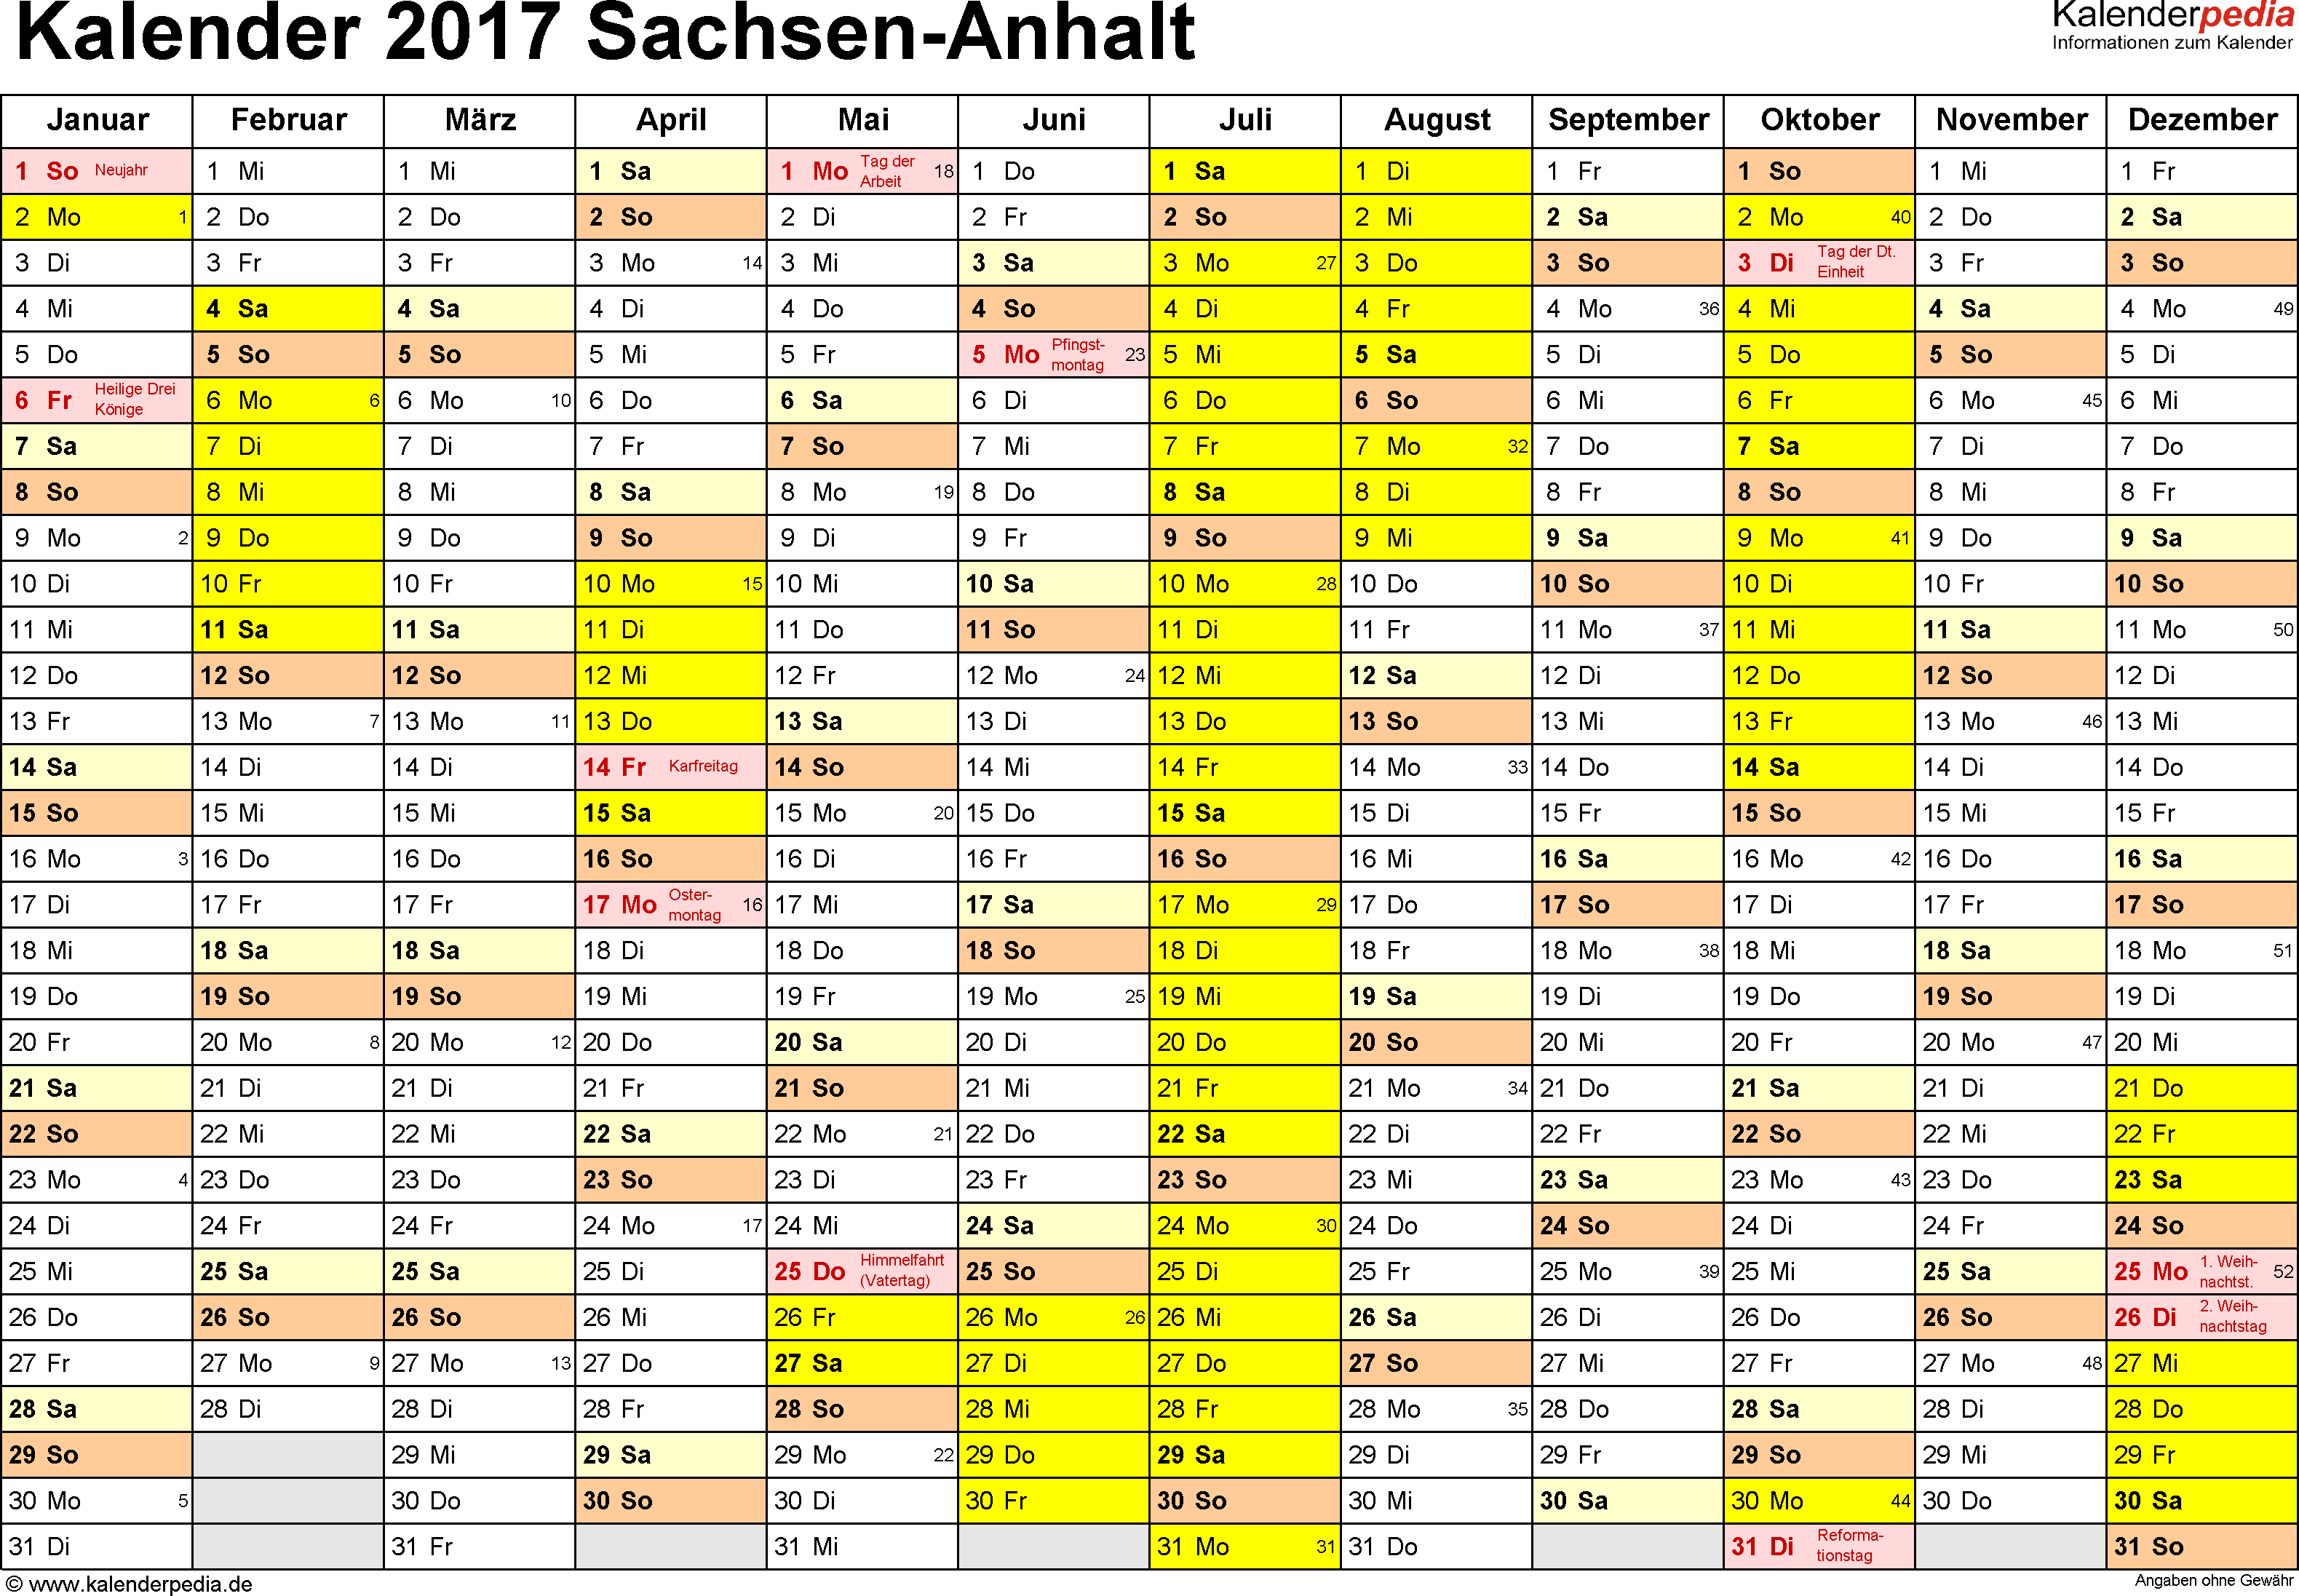 Vorlage 1: Kalender 2017 für Sachsen-Anhalt als Excel-Vorlagen (Querformat, 1 Seite)